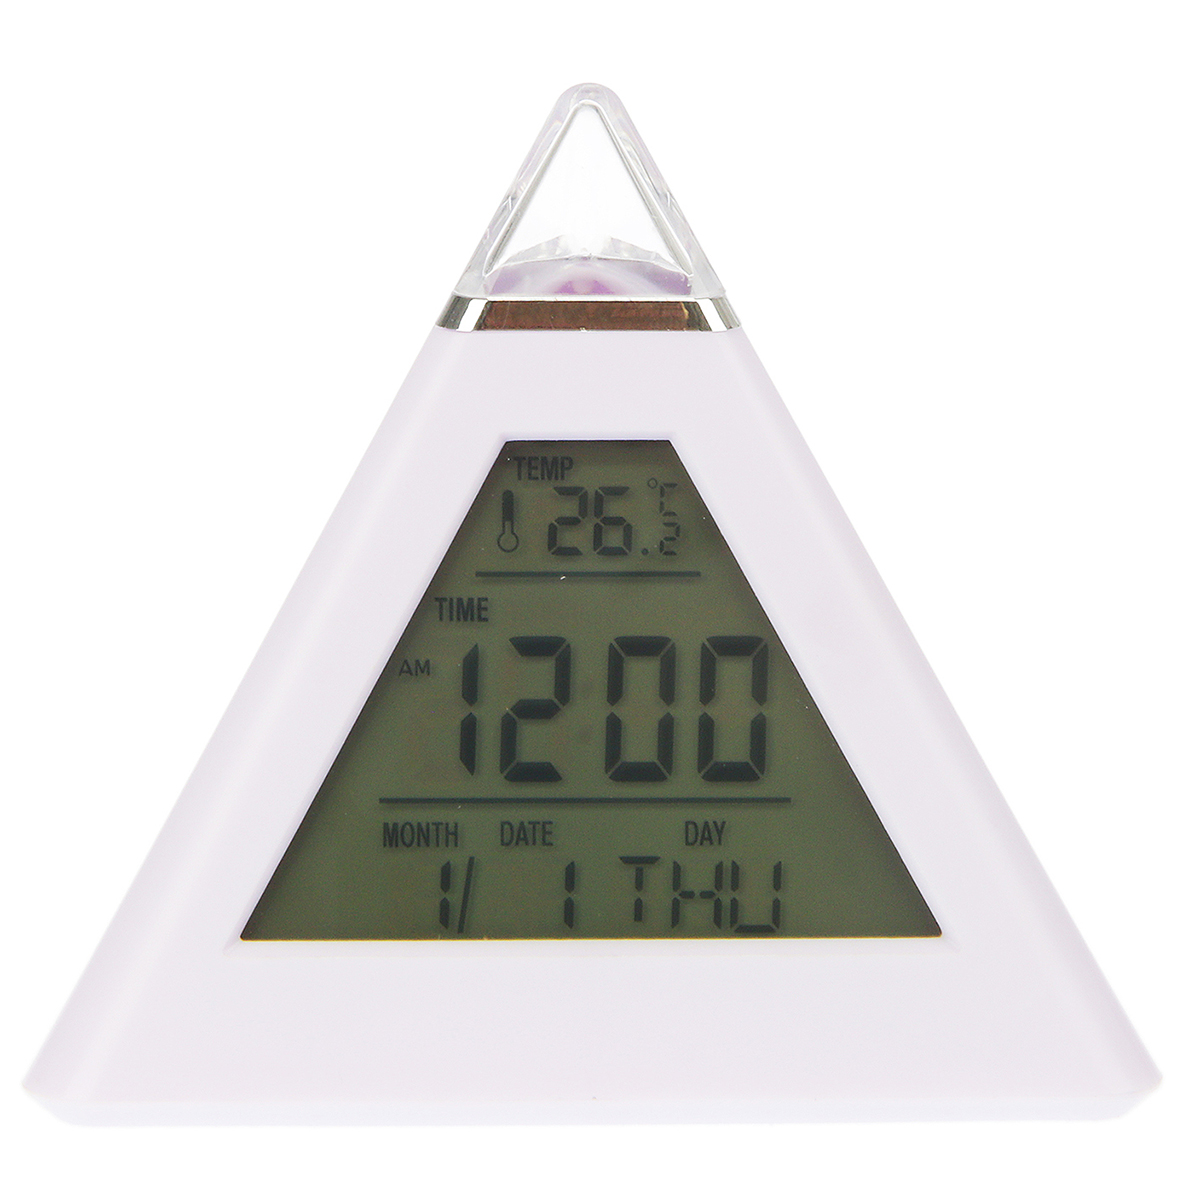 Часы-будильник Пирамида, цвет: зеленый 10 х 9,6 см. 25904992590499Каждому хозяину периодически приходит мысль обновить свою квартиру, сделать ремонт, перестановку или кардинально поменять внешний вид каждой комнаты. — привлекательная деталь, которая поможет воплотить вашу интерьерную идею, создать неповторимую атмосферу в вашем доме. Окружите себя приятными мелочами, пусть они радуют глаз и дарят гармонию.